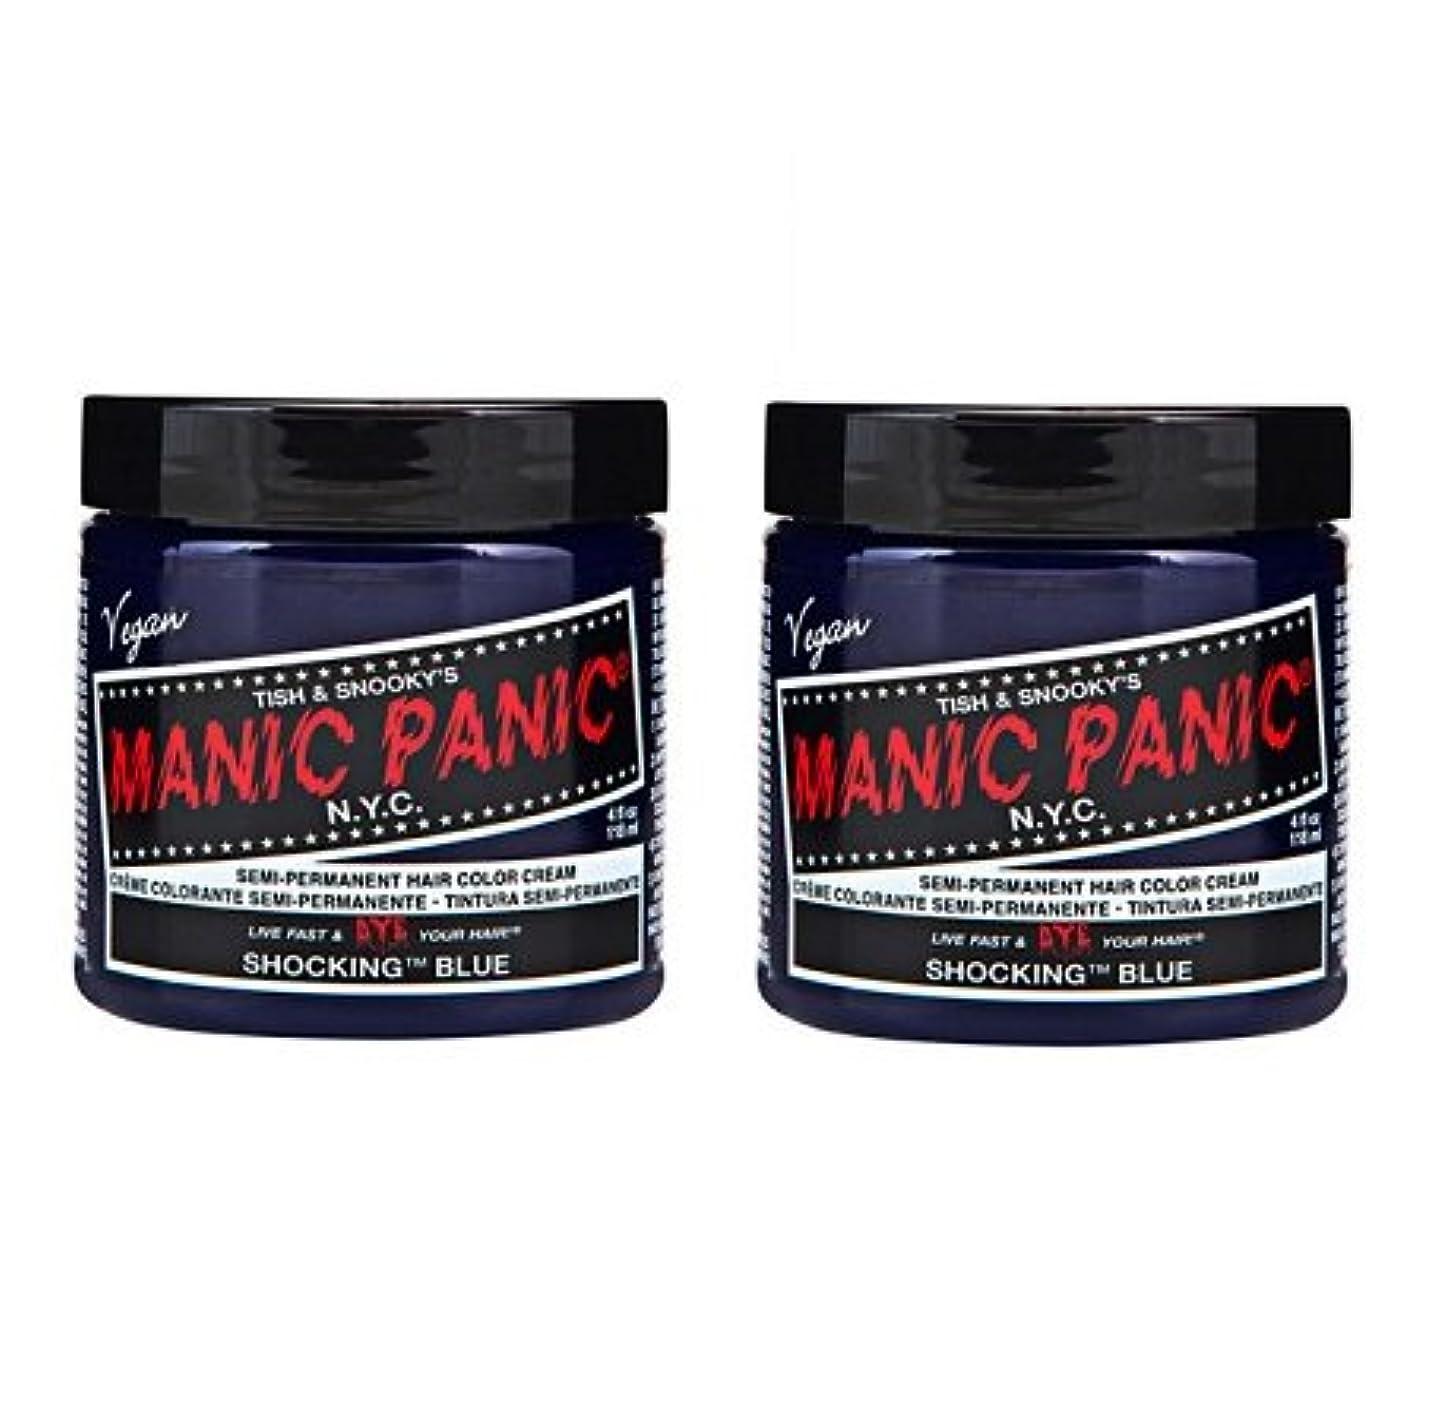 雰囲気逸話率直な【2個セット】MANIC PANIC マニックパニック Shocking Blue ショッキングブルー 118ml